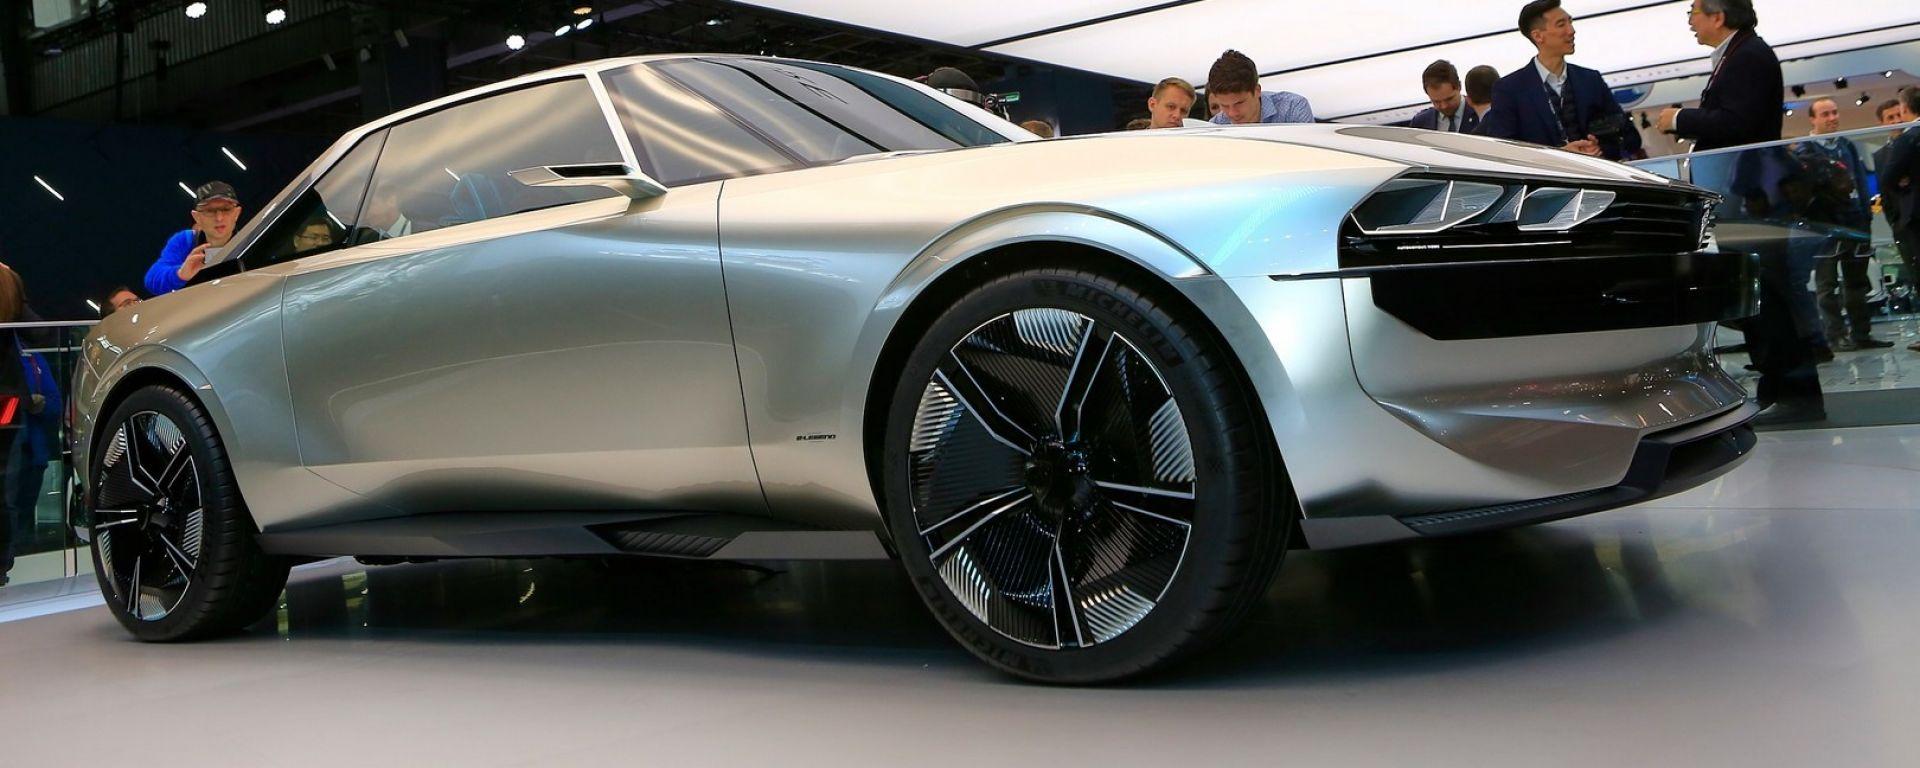 Peugeot e-Legend: tanti la vogliono, petizione per produrla